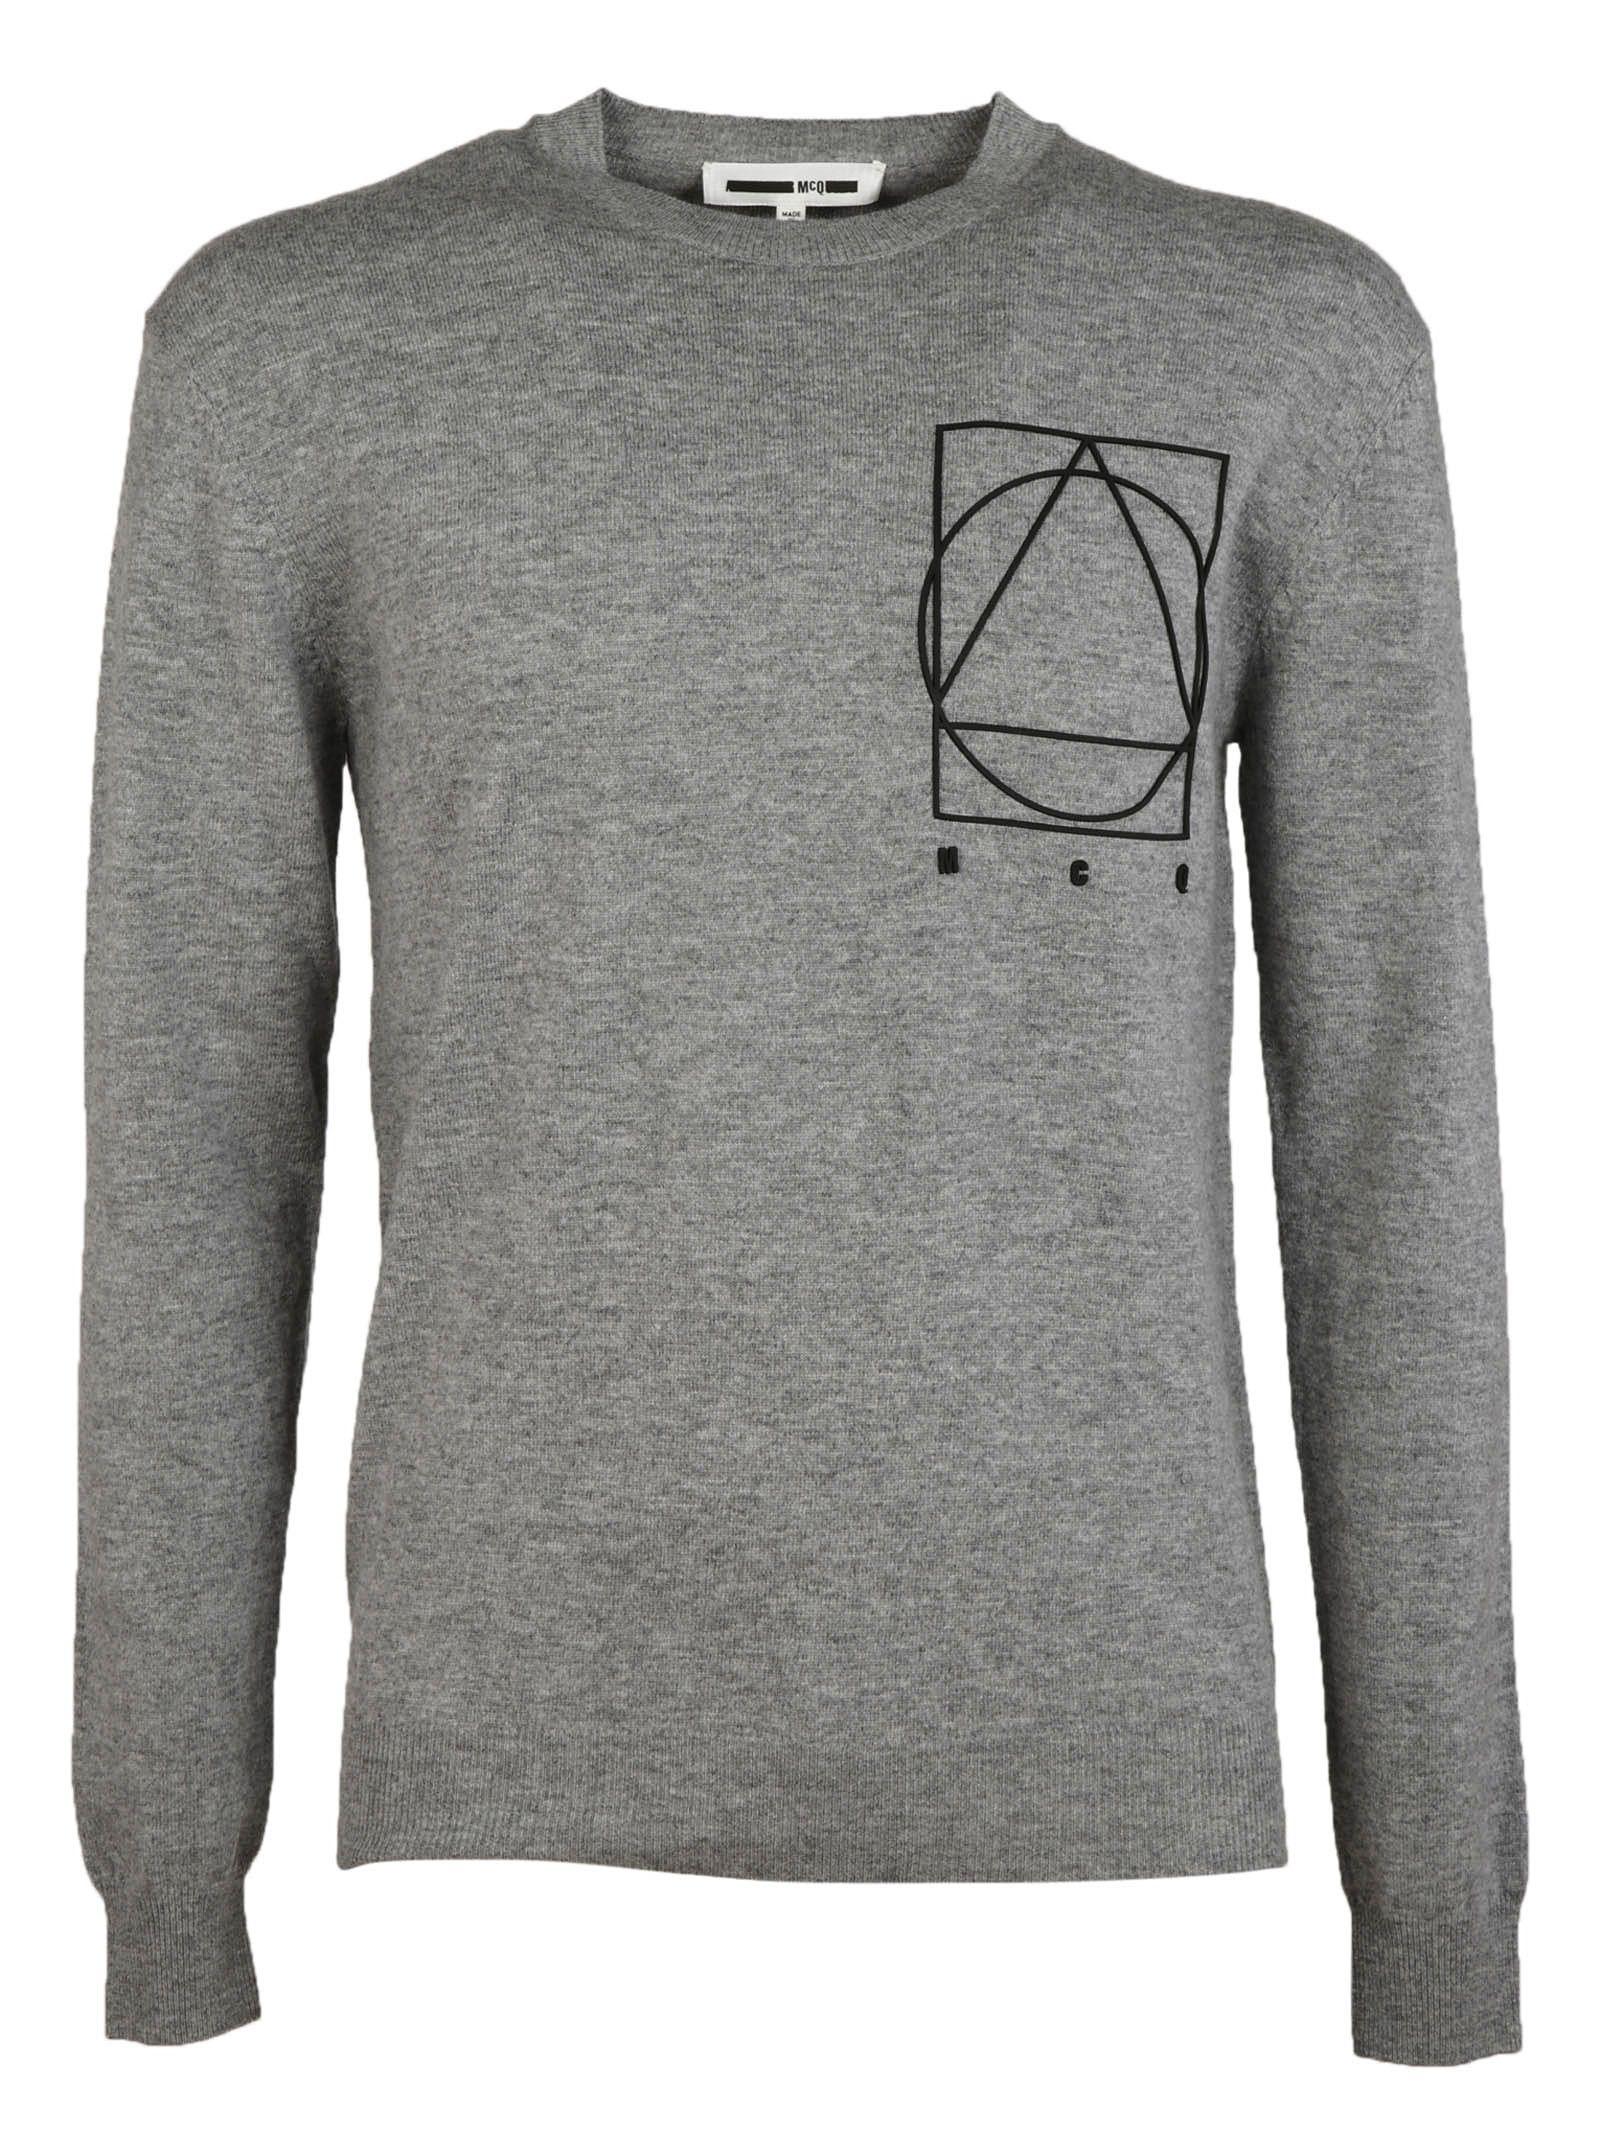 McQ Alexander McQueen Logo Detail Sweater